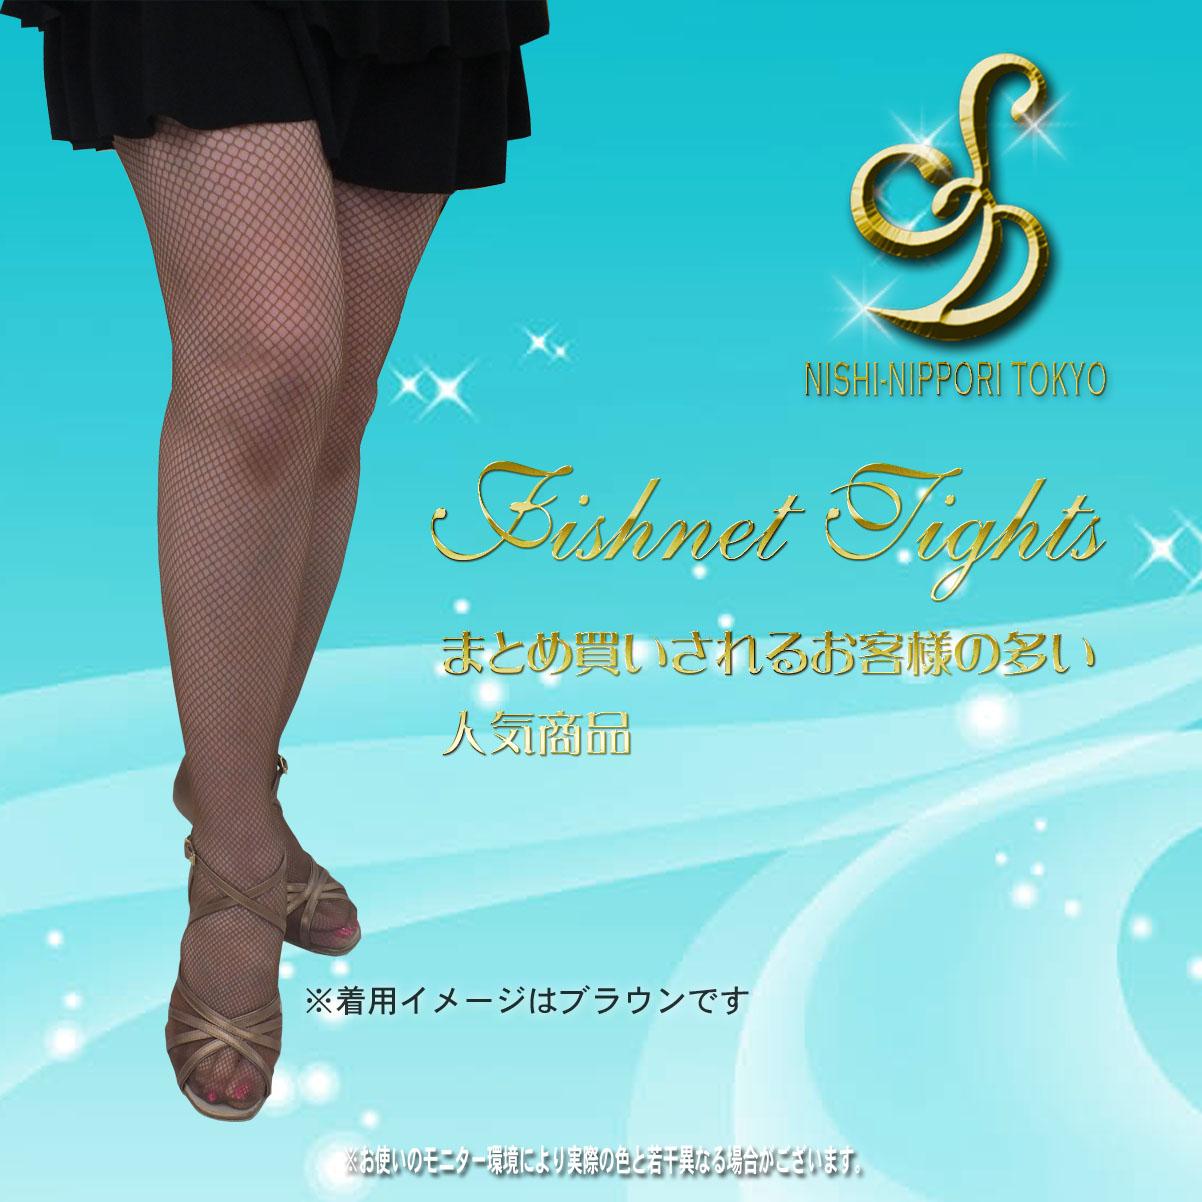 社交ダンス用アミタイツ 網タイツ Fishnet Tights